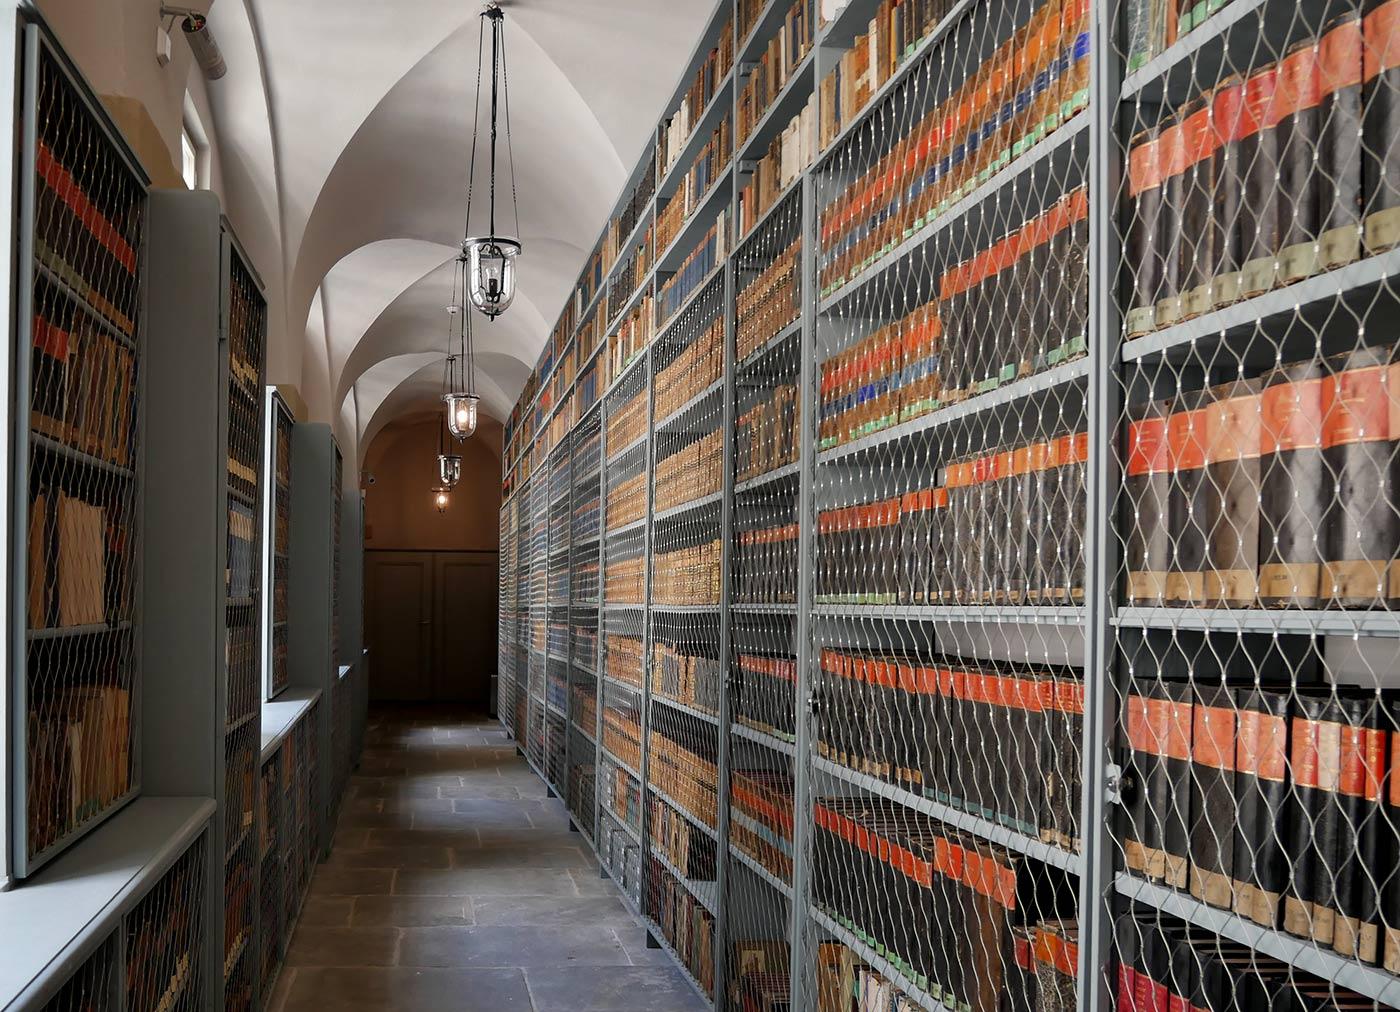 Oberlausitzische Bibliothek der Wissenschaften 1